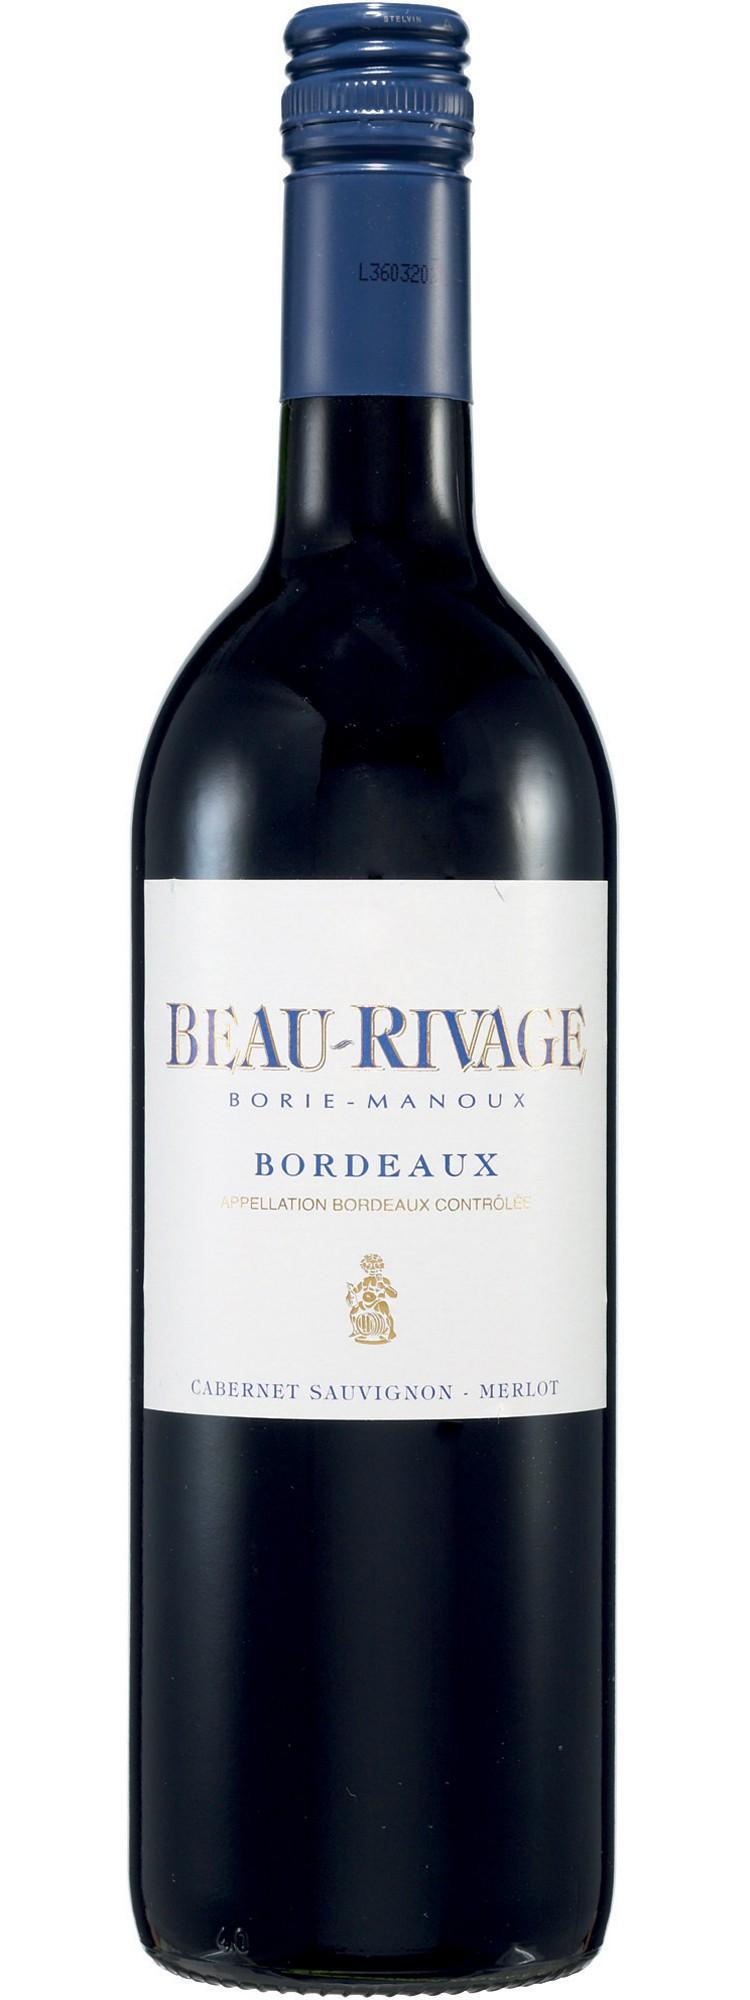 Bordeaux rouge - Beau Rivage